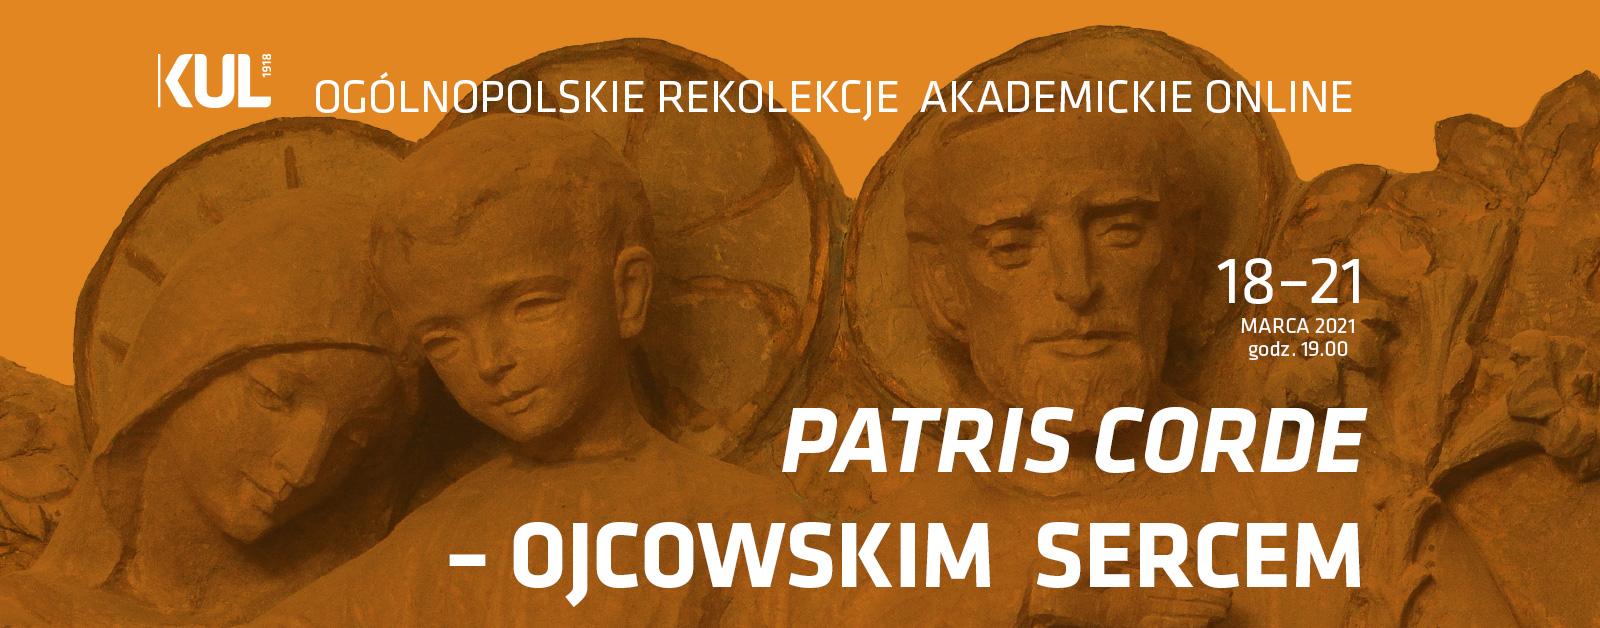 KUL zaprasza na ogólnopolskie rekolekcje akademickie online - Zdjęcie główne